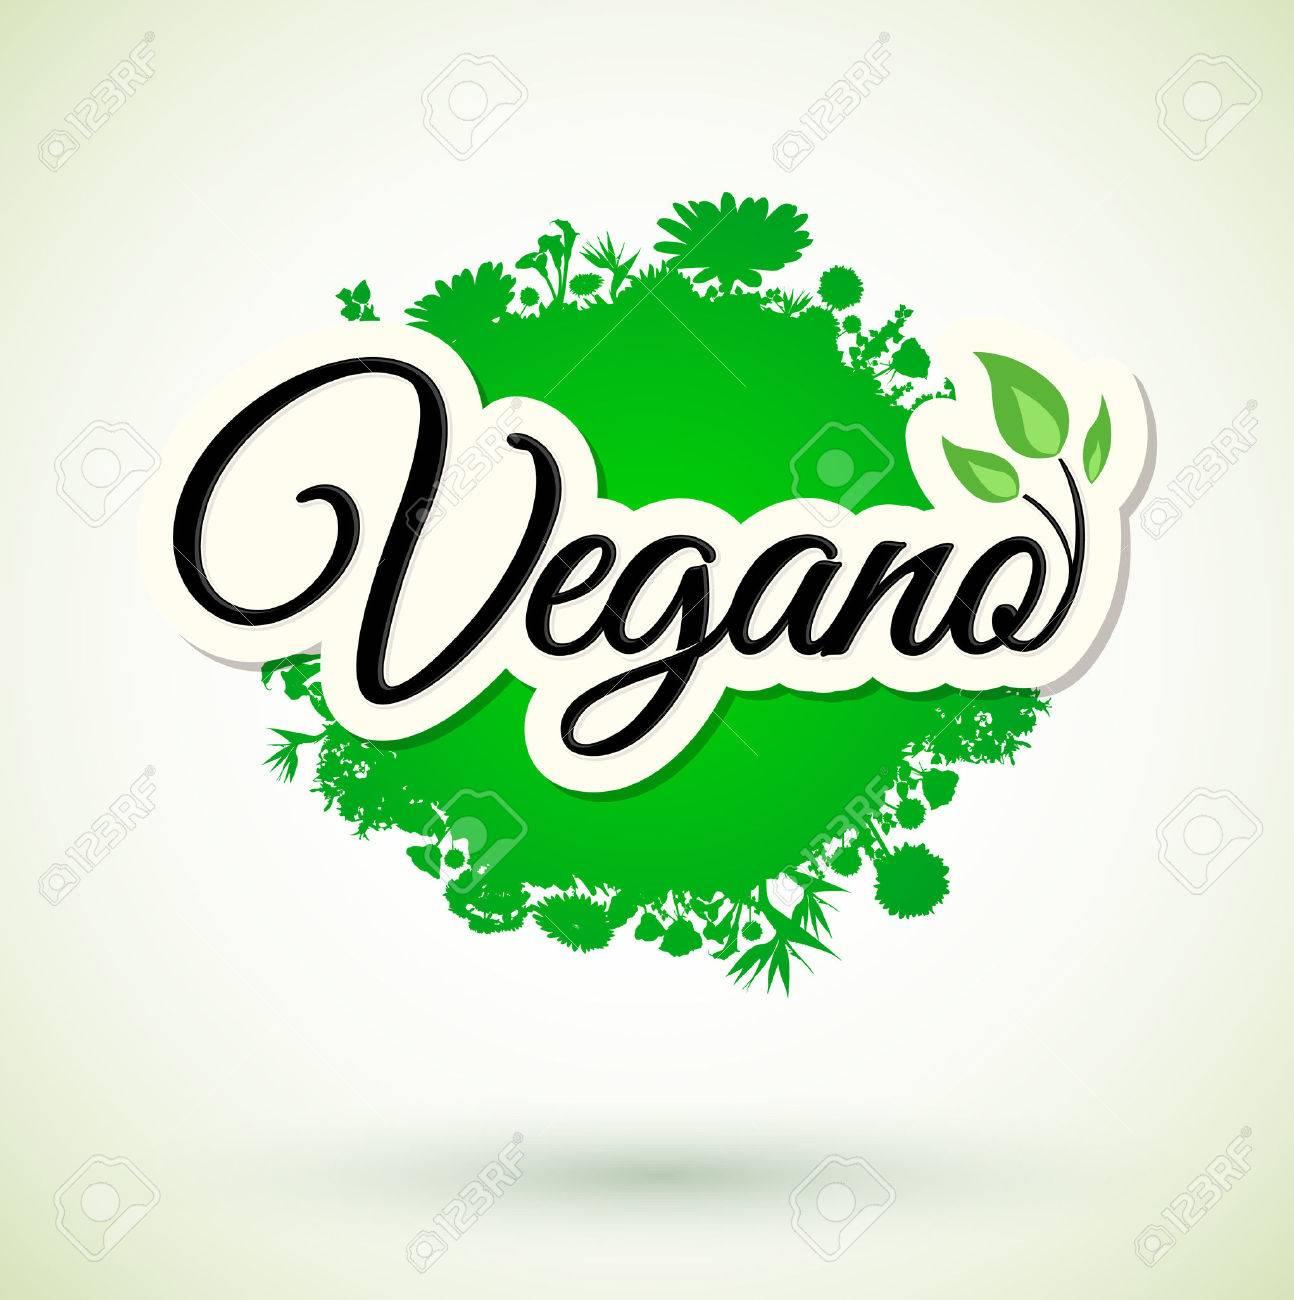 Vegano - Vegan spanish text, icon design  Green vegan friendly